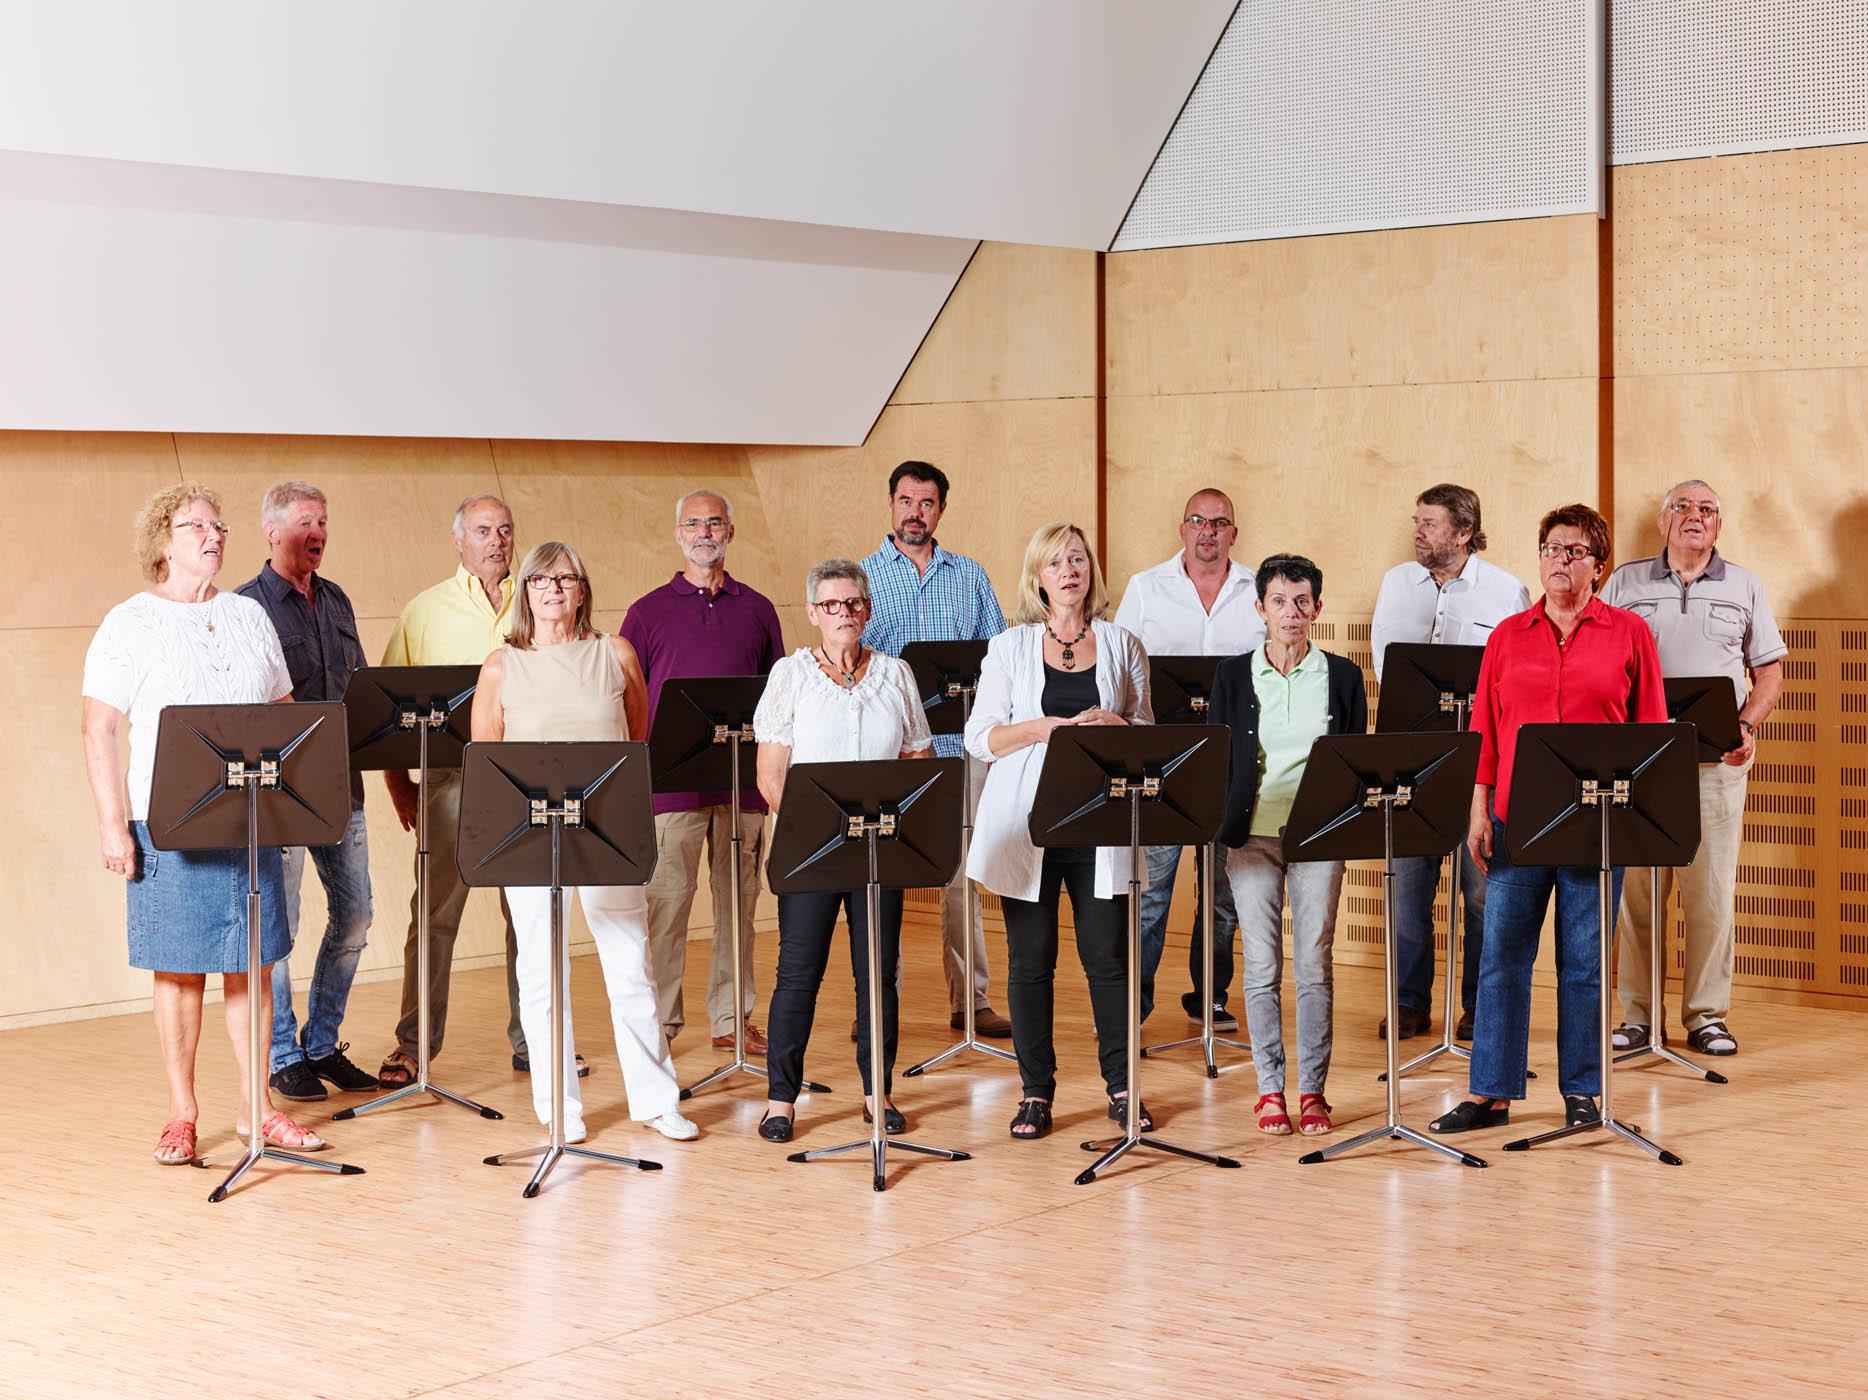 Sie sehen eine Chorprobe in der Musikakademie Knappenberg. JUFA Hotels bietet den Ort für Konzerte und Probenwochenenden.